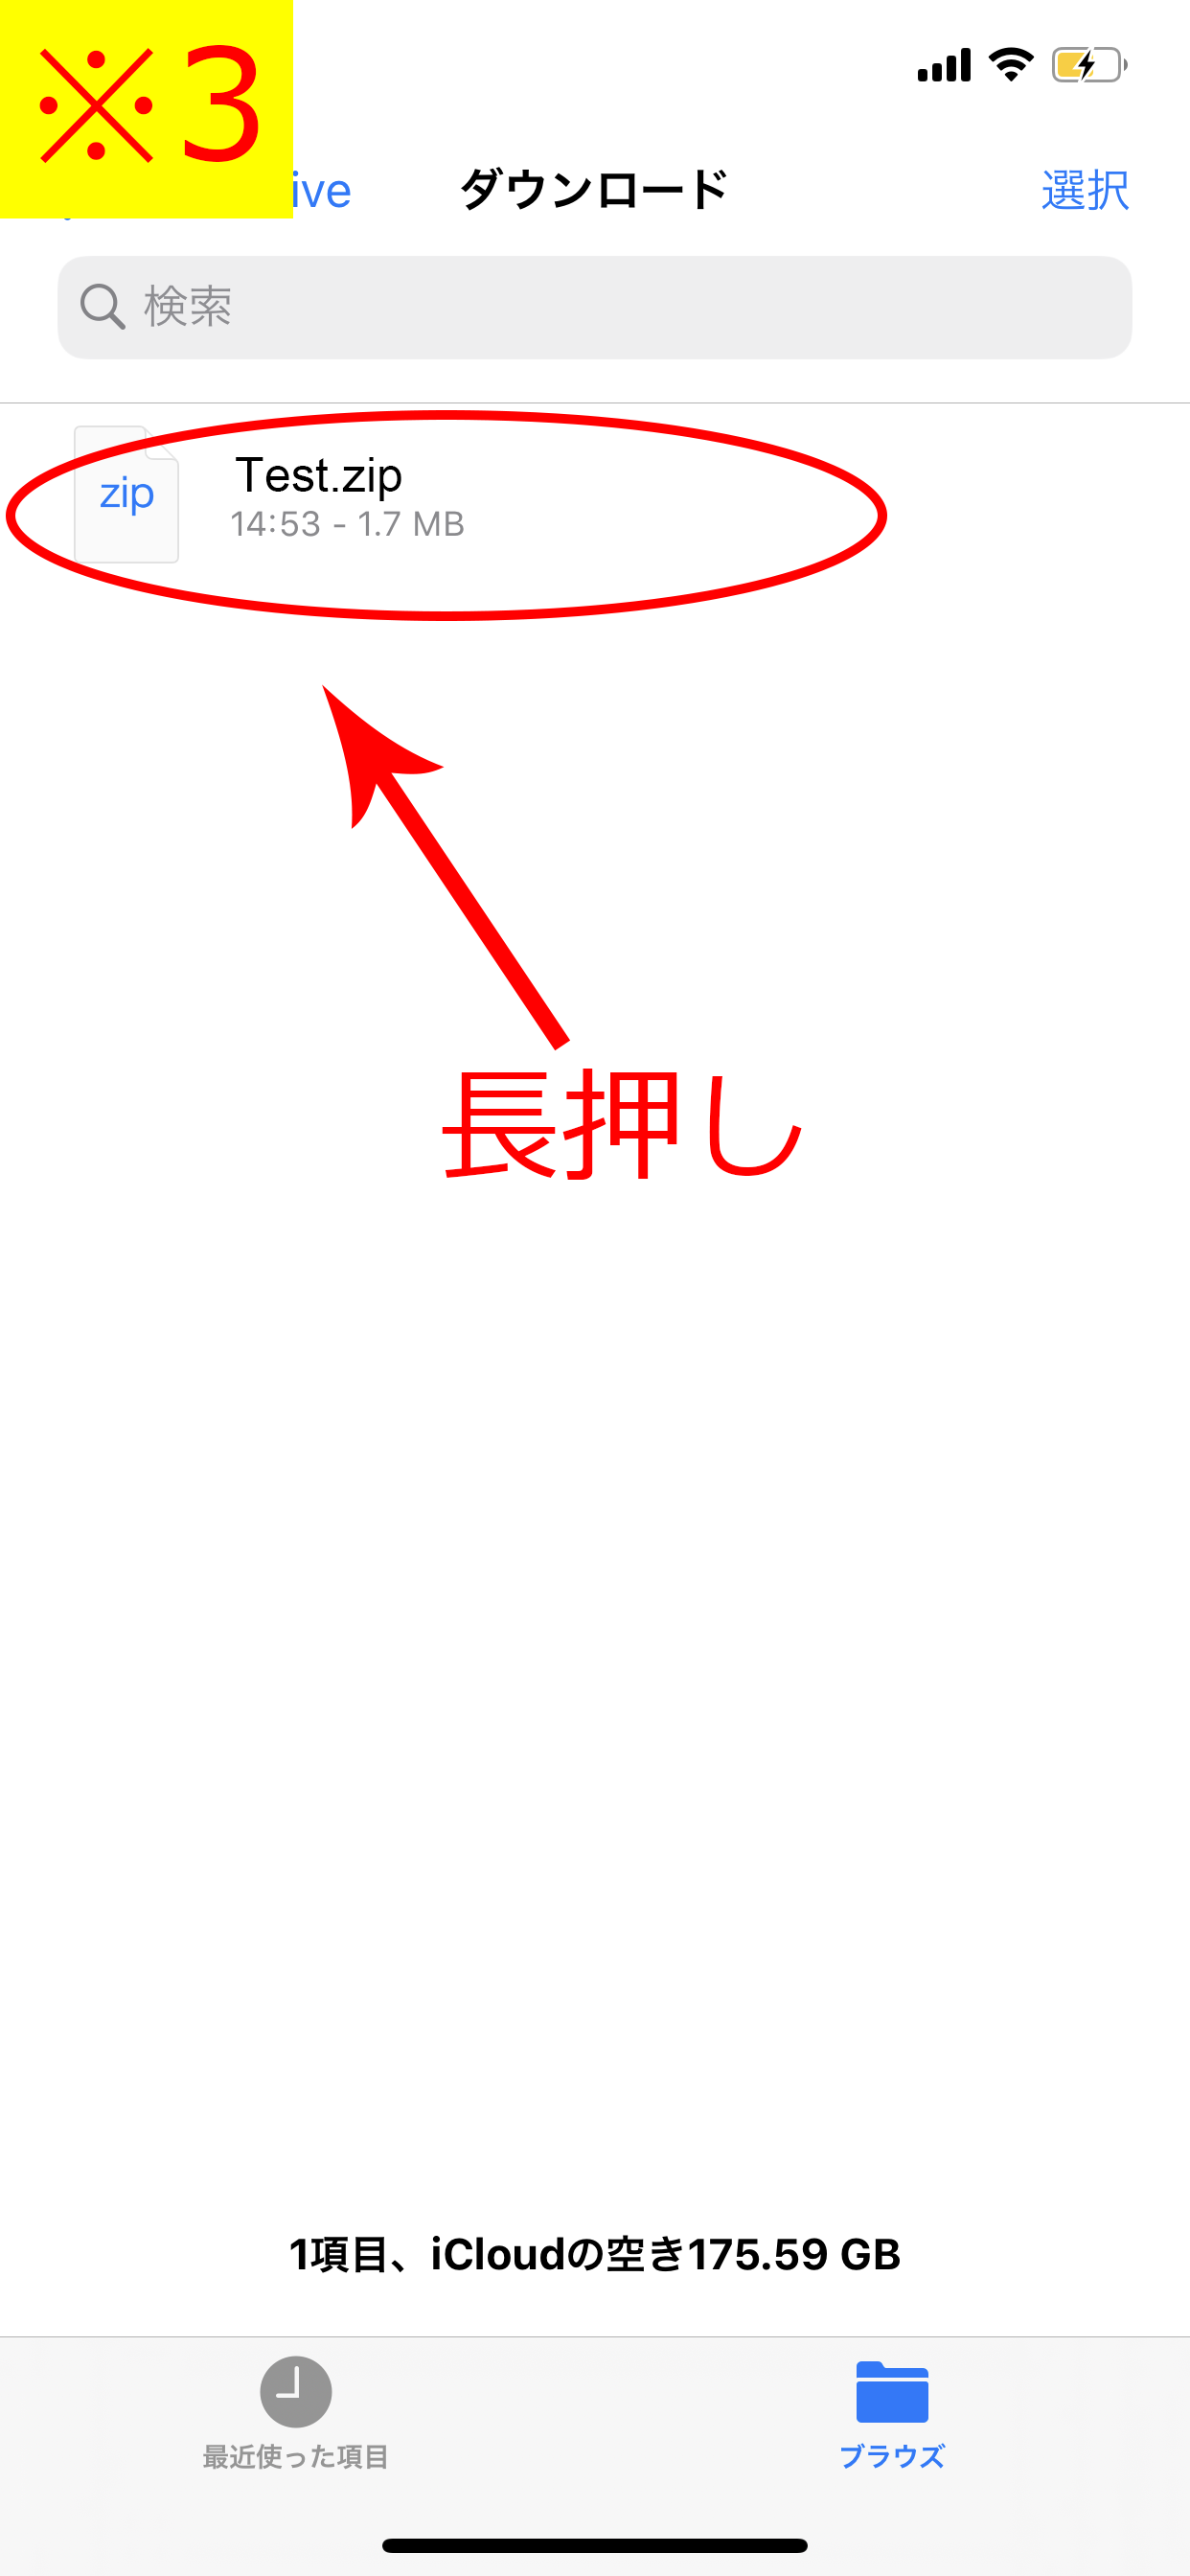 大次郎 2 さん 太鼓